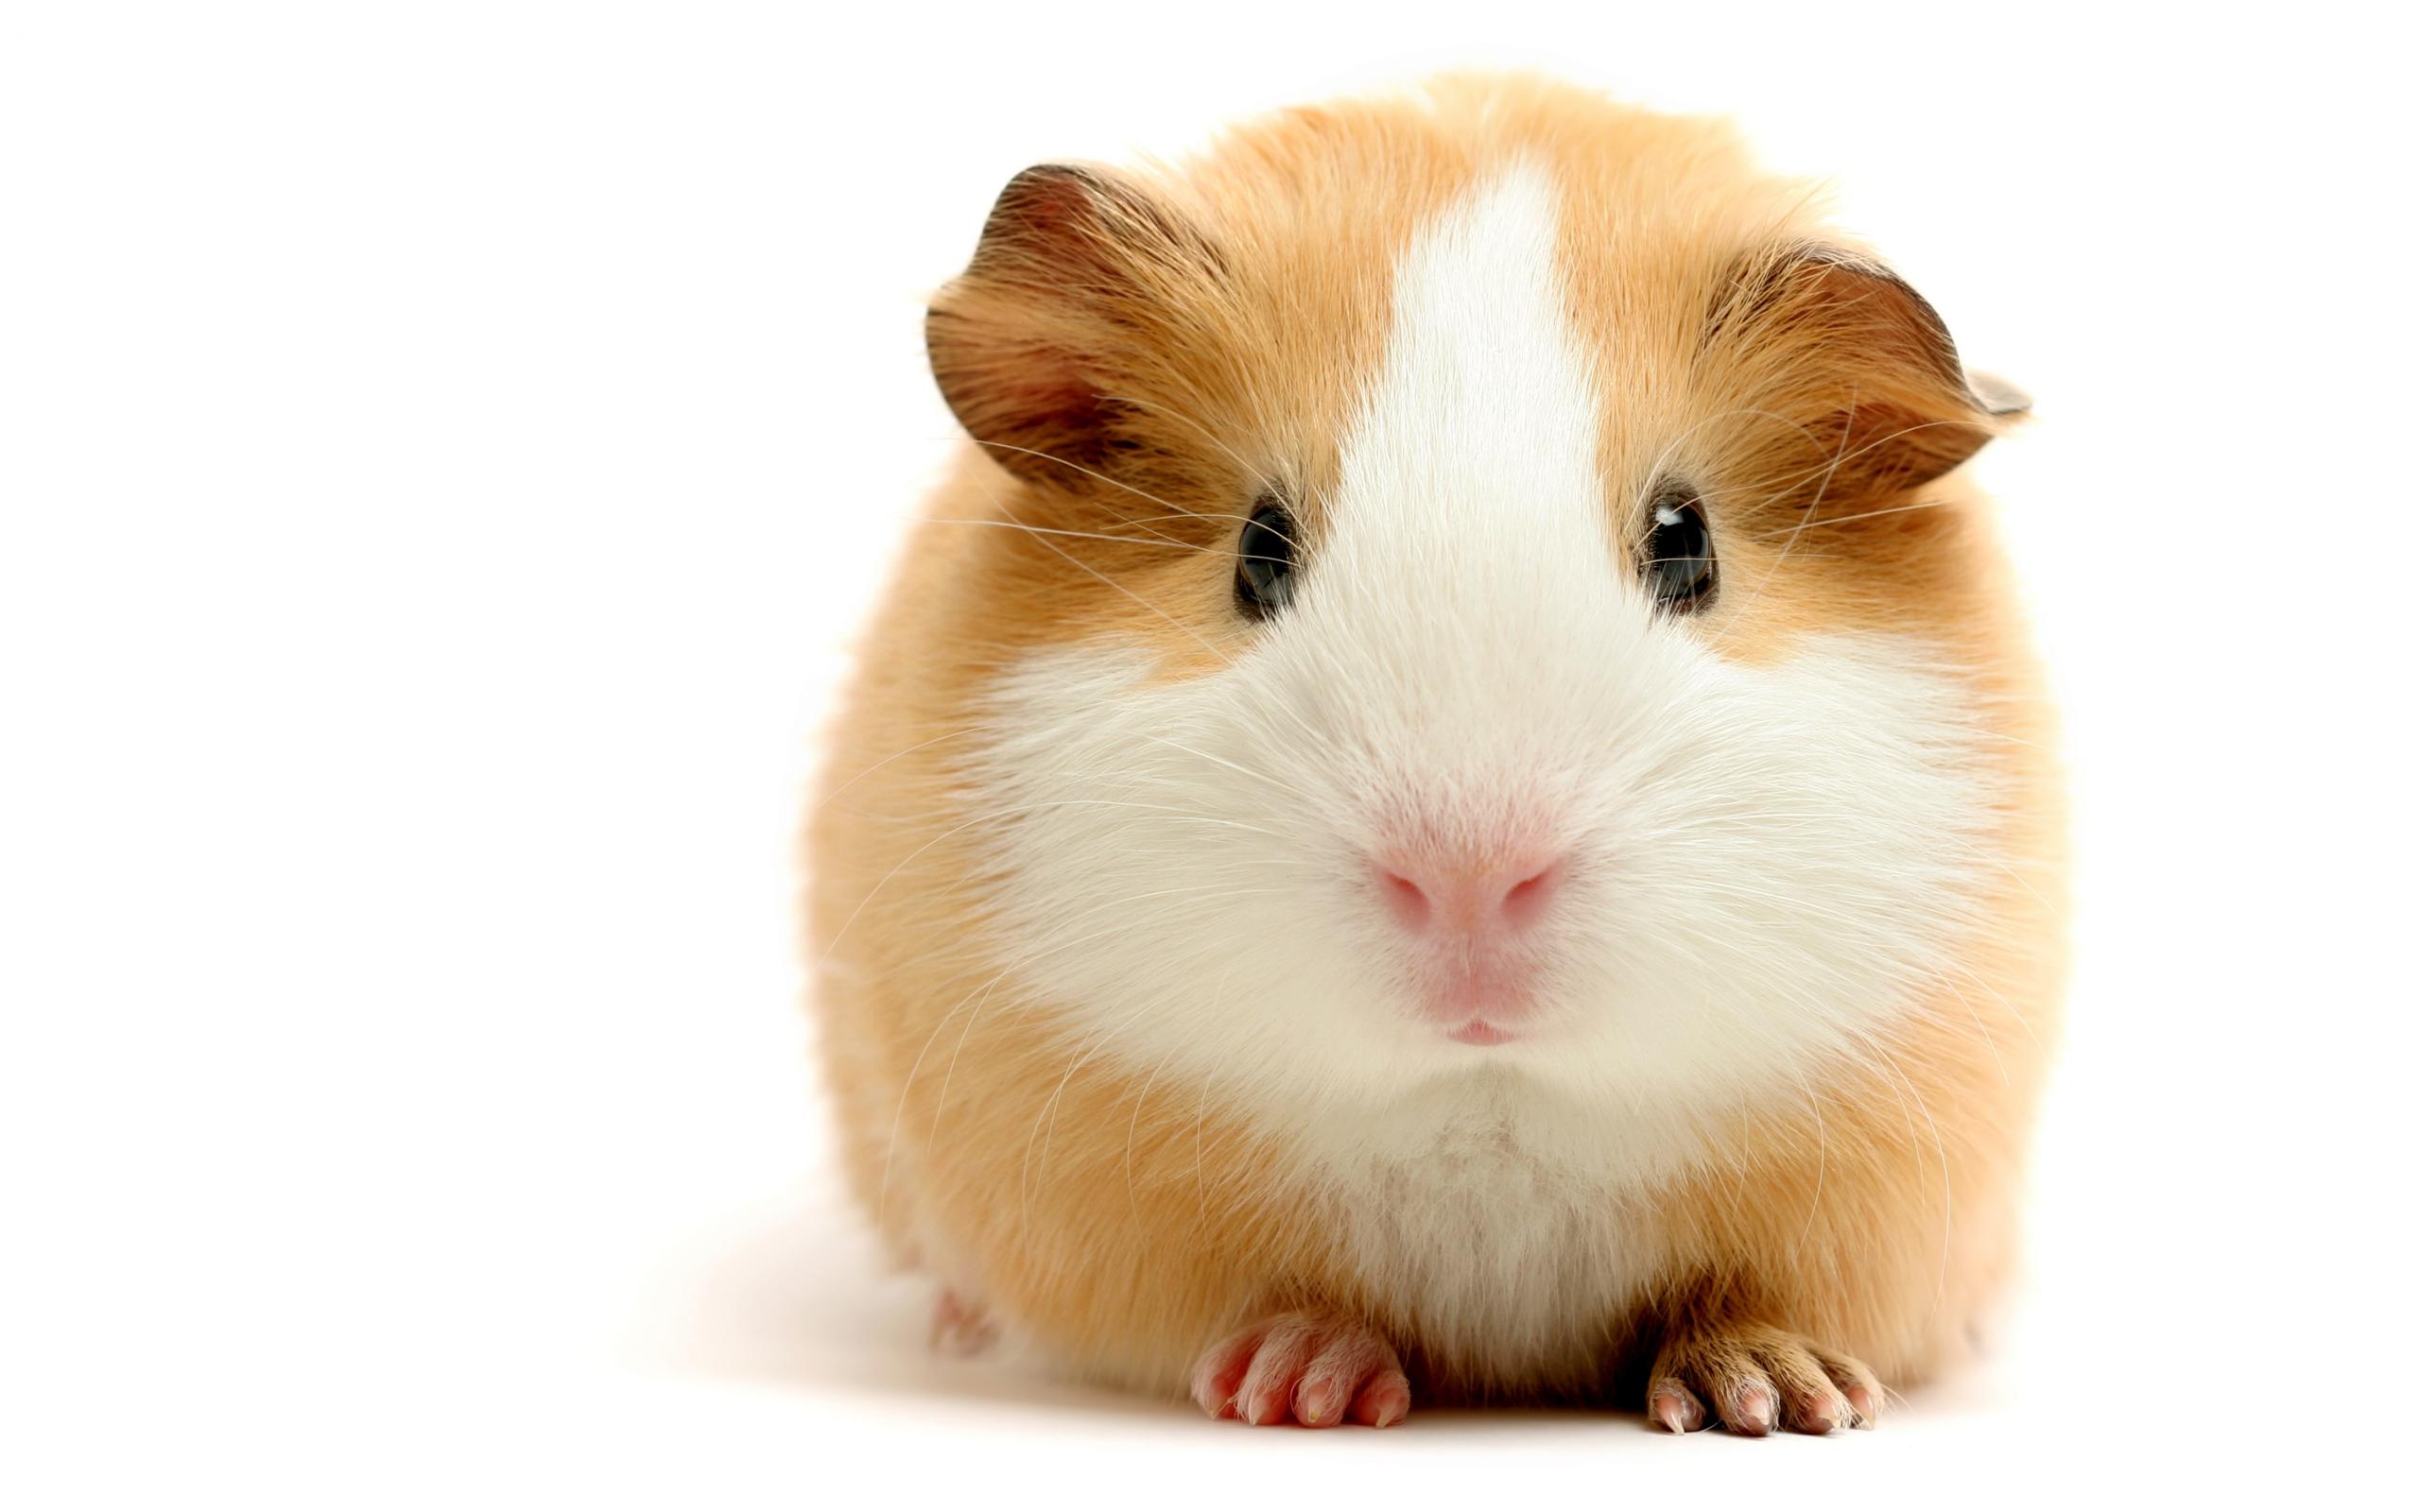 Hamster Wallpapers Best Wallpapers 2560x1600